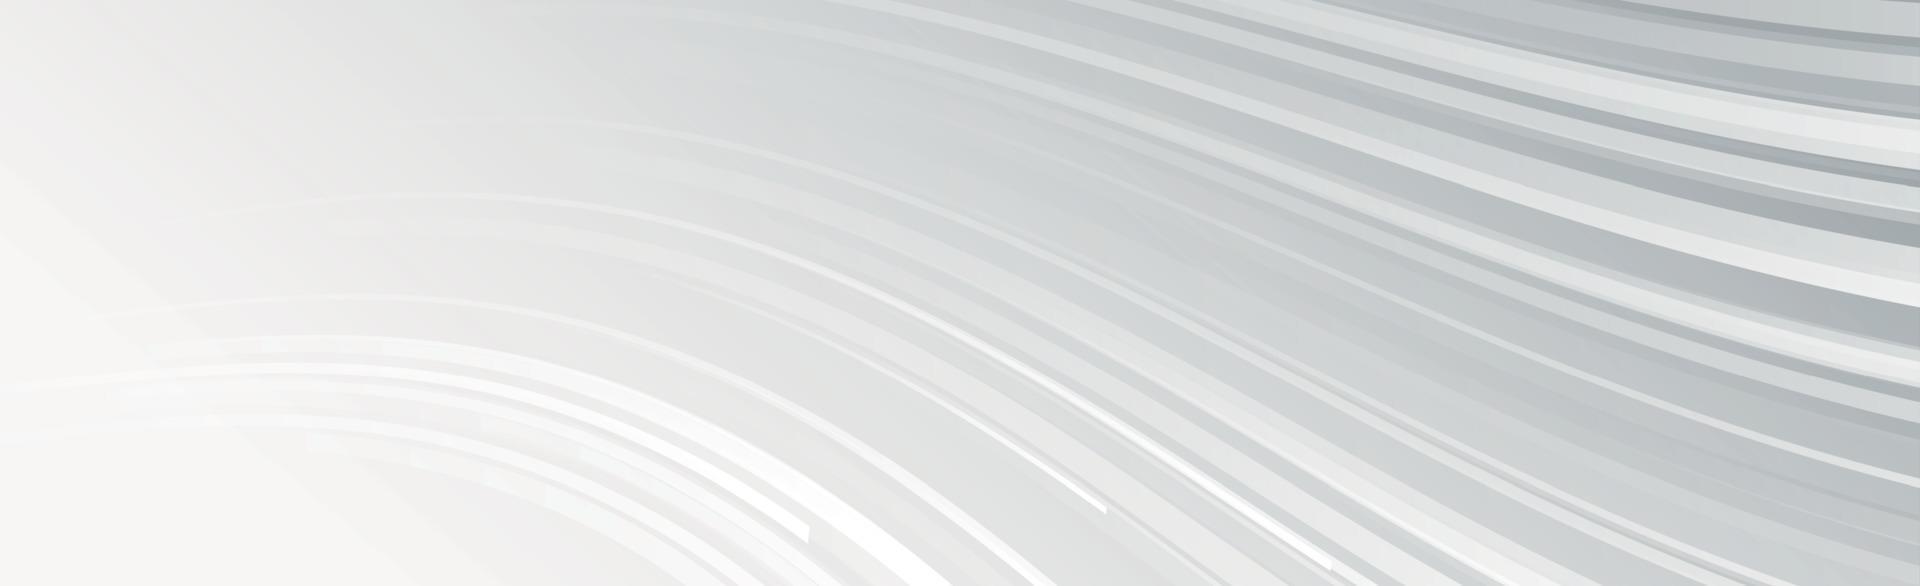 astratto grigio - linee bianche su sfondo grigio - vettore